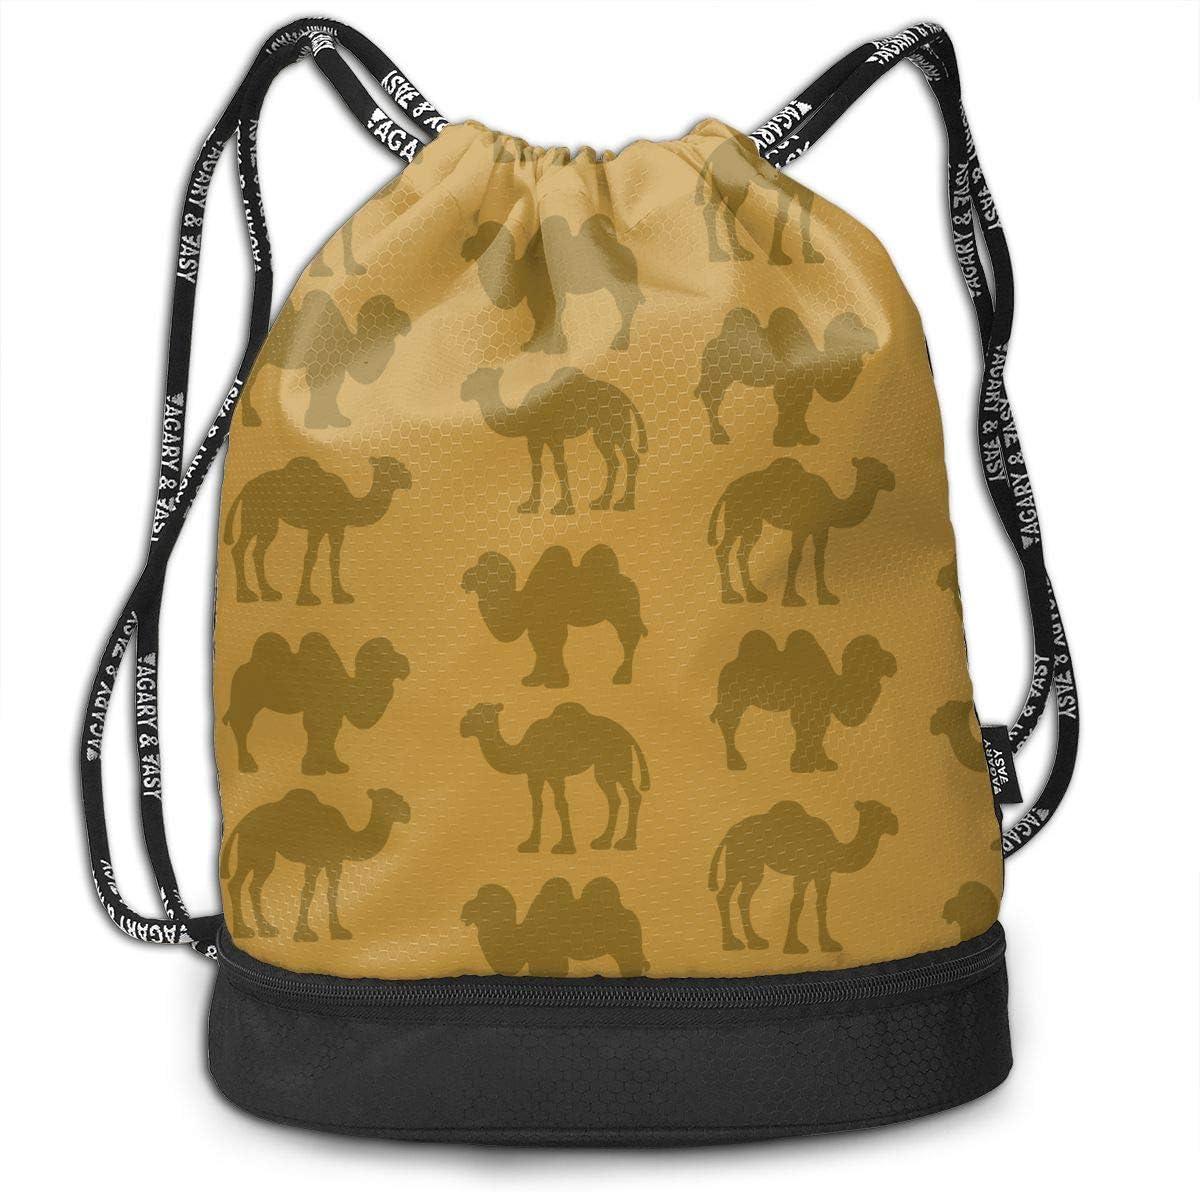 HUOPR5Q Camping is in-Tents Drawstring Backpack Sport Gym Sack Shoulder Bulk Bag Dance Bag for School Travel